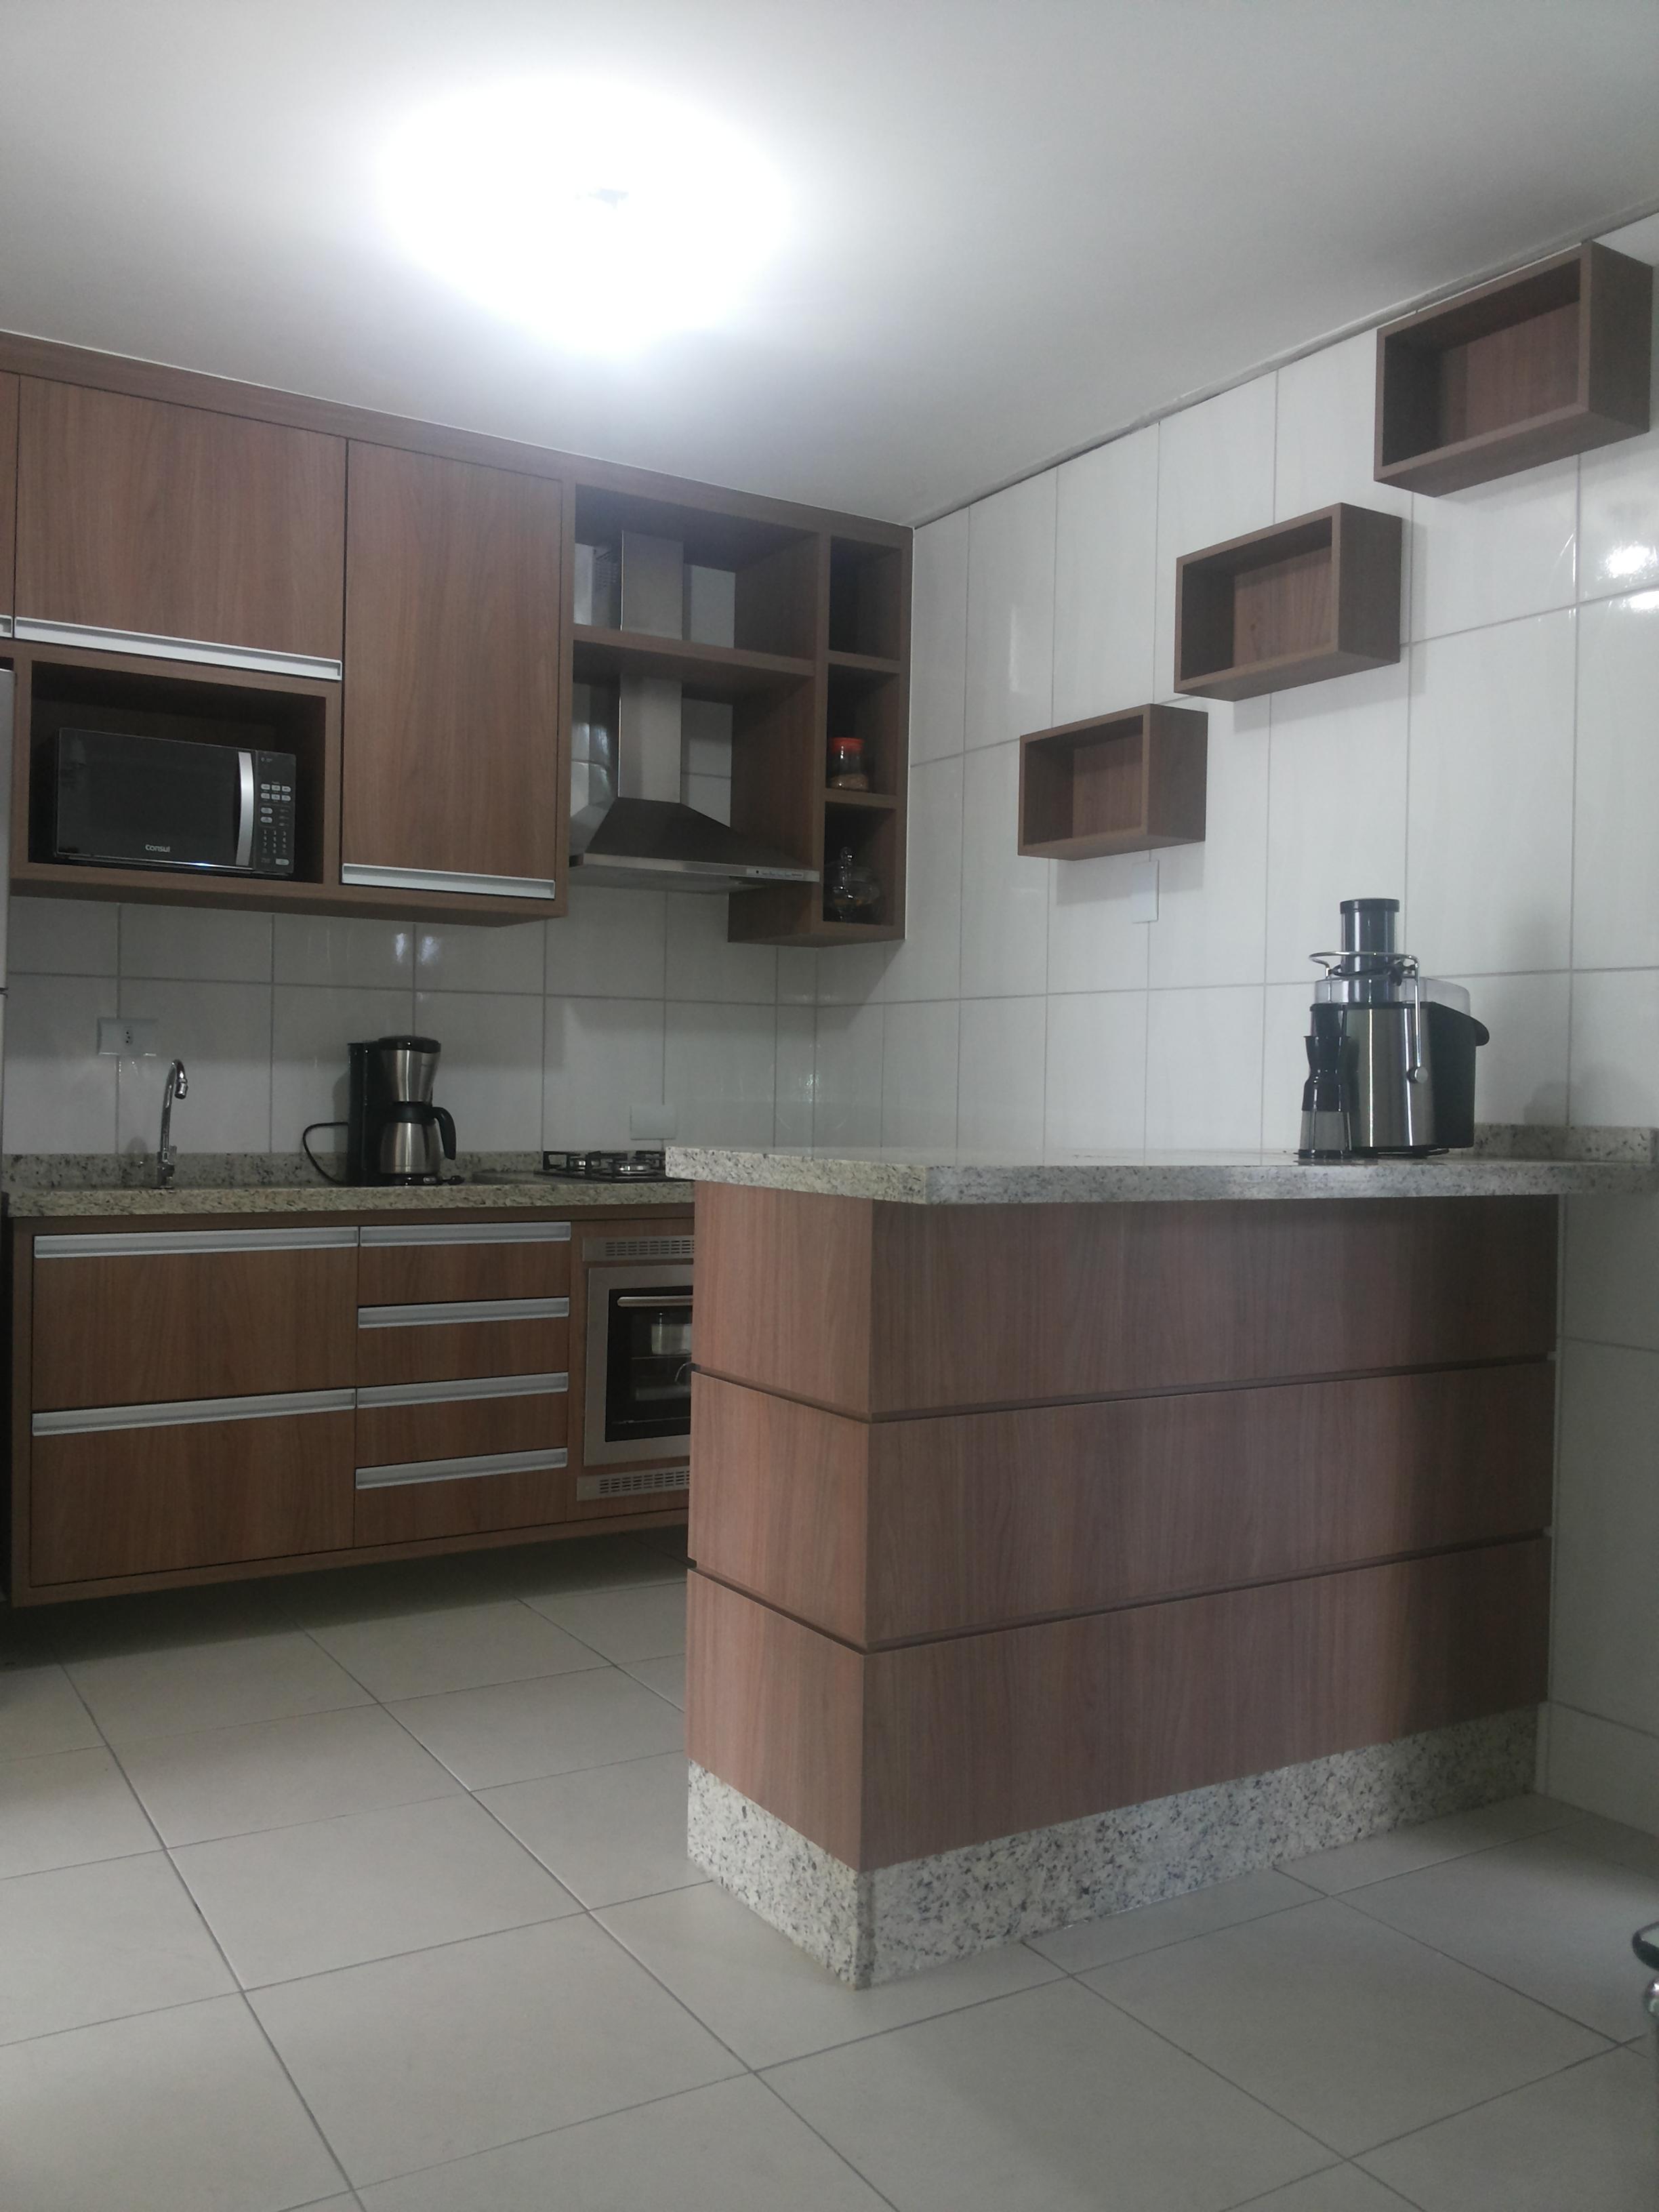 Medidas De Armrio De Cozinha Cozinha Compacta Calbria Armrio Para